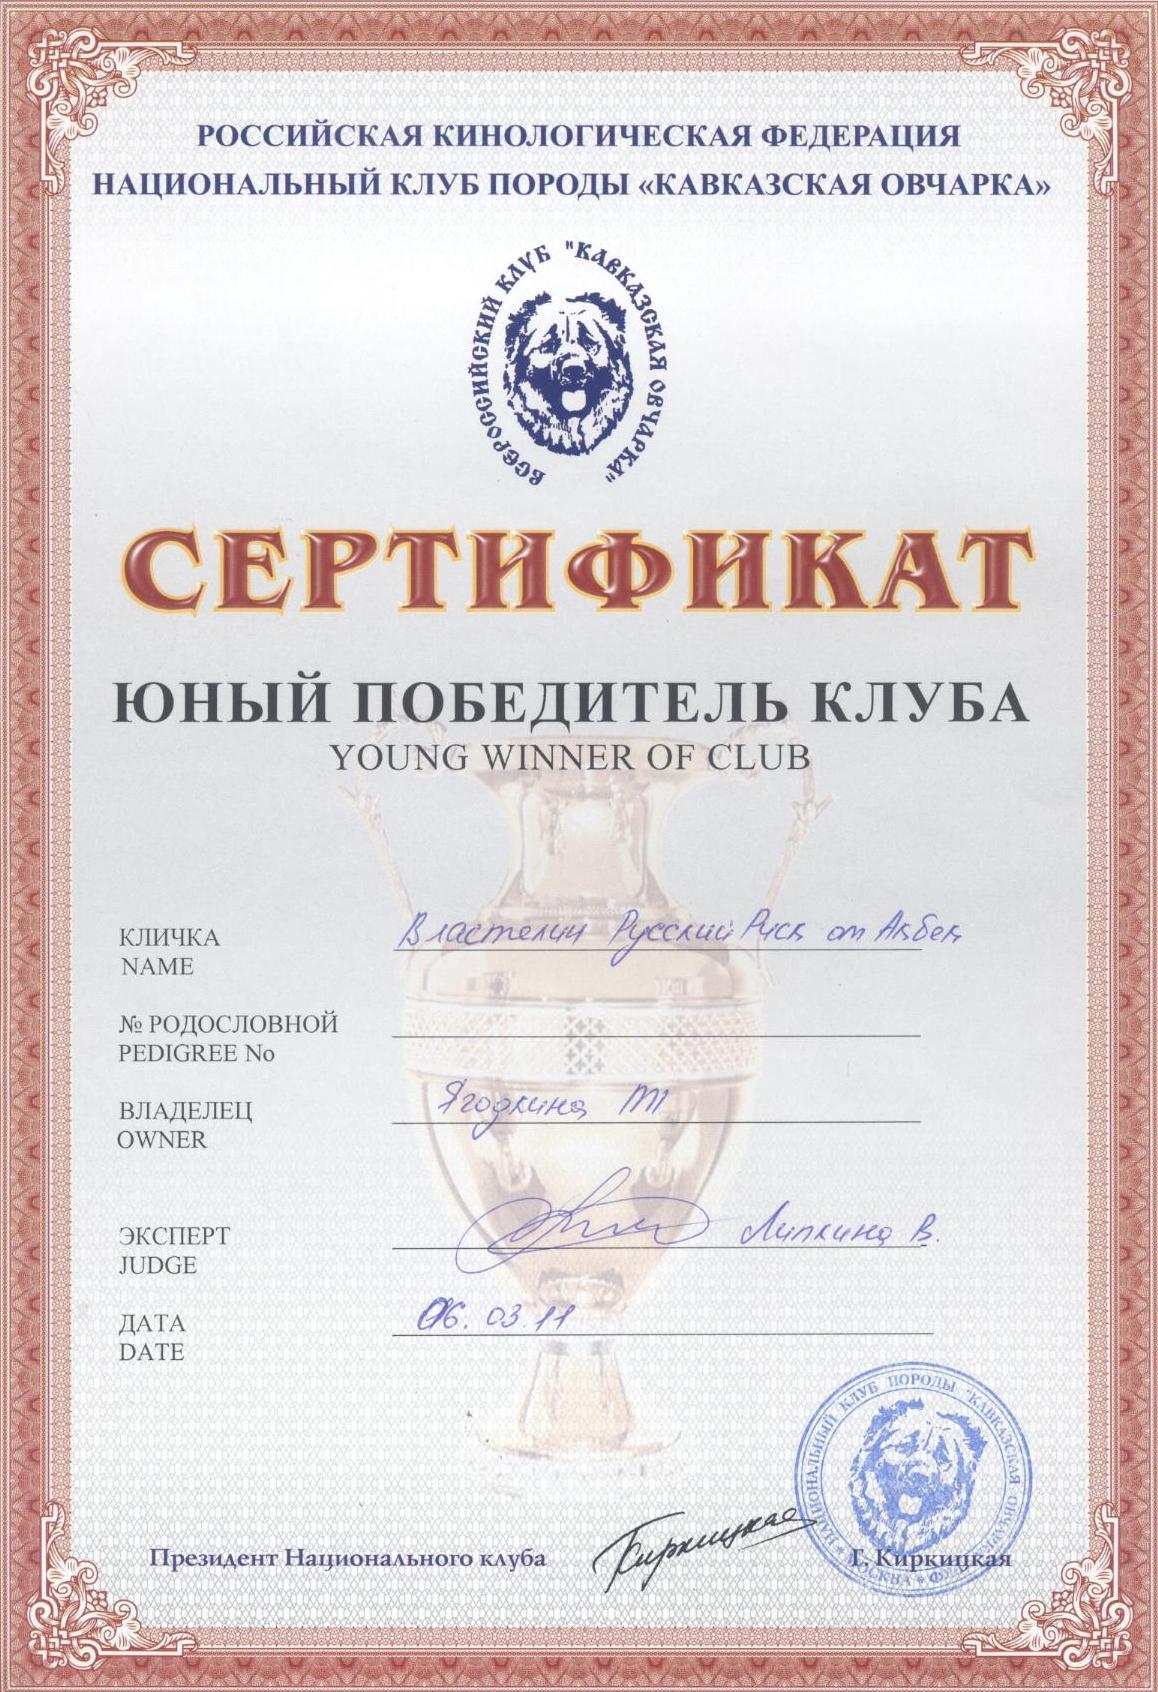 кавказская овчарка, кобель Властелин Русский Риск от Акбек - Победитель клуба НКП